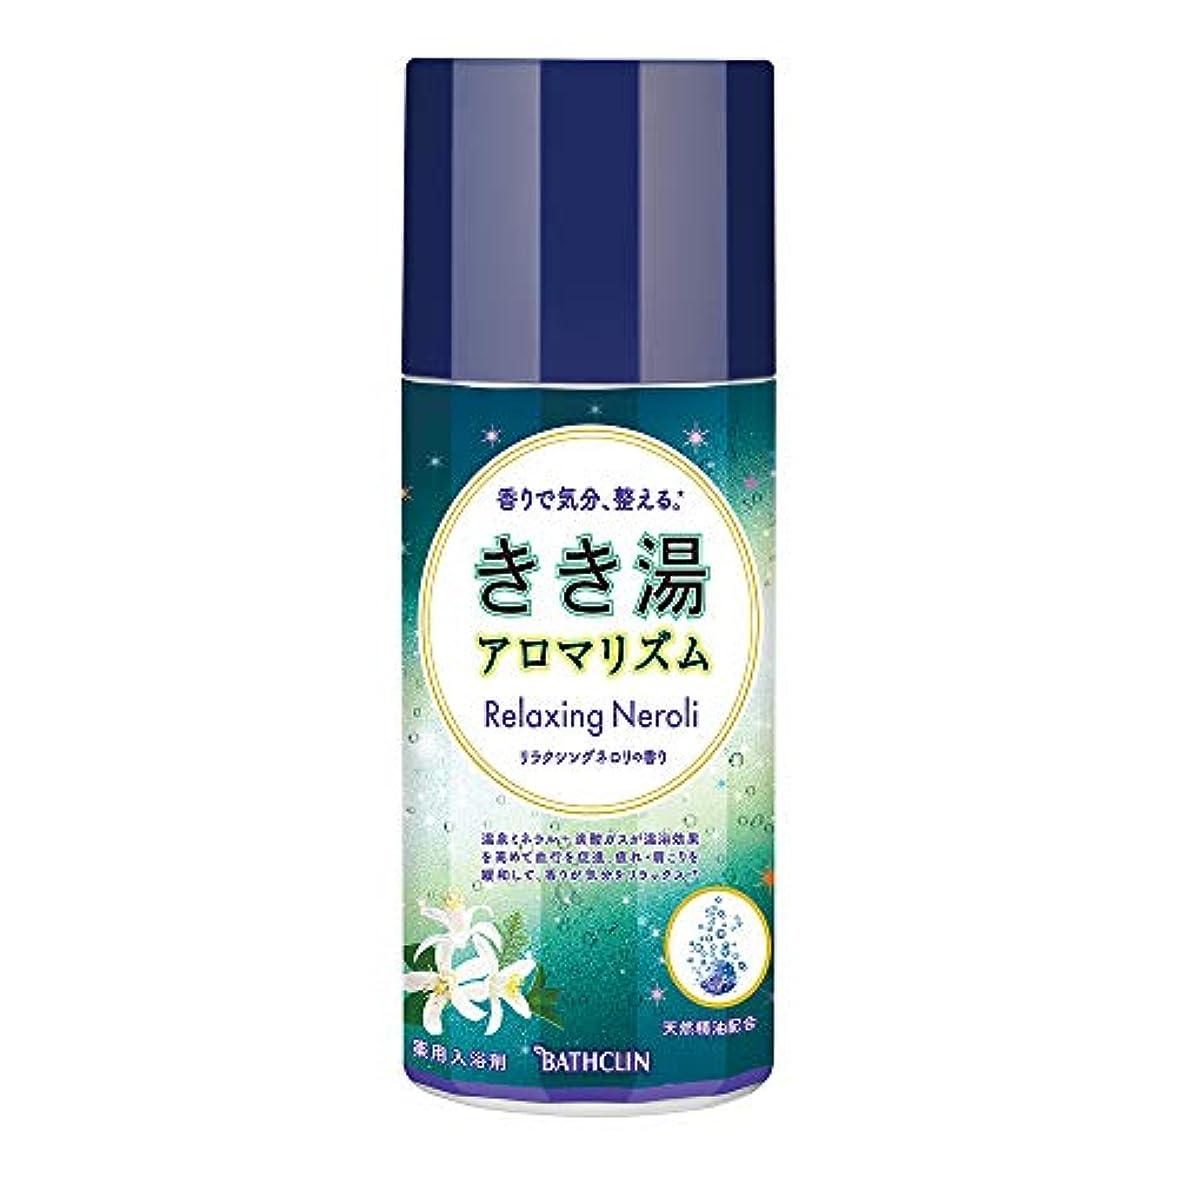 治療機関息苦しい【医薬部外品】きき湯アロマリズム炭酸入浴剤 リラクシングネロリの香り 360g 発泡タイプ